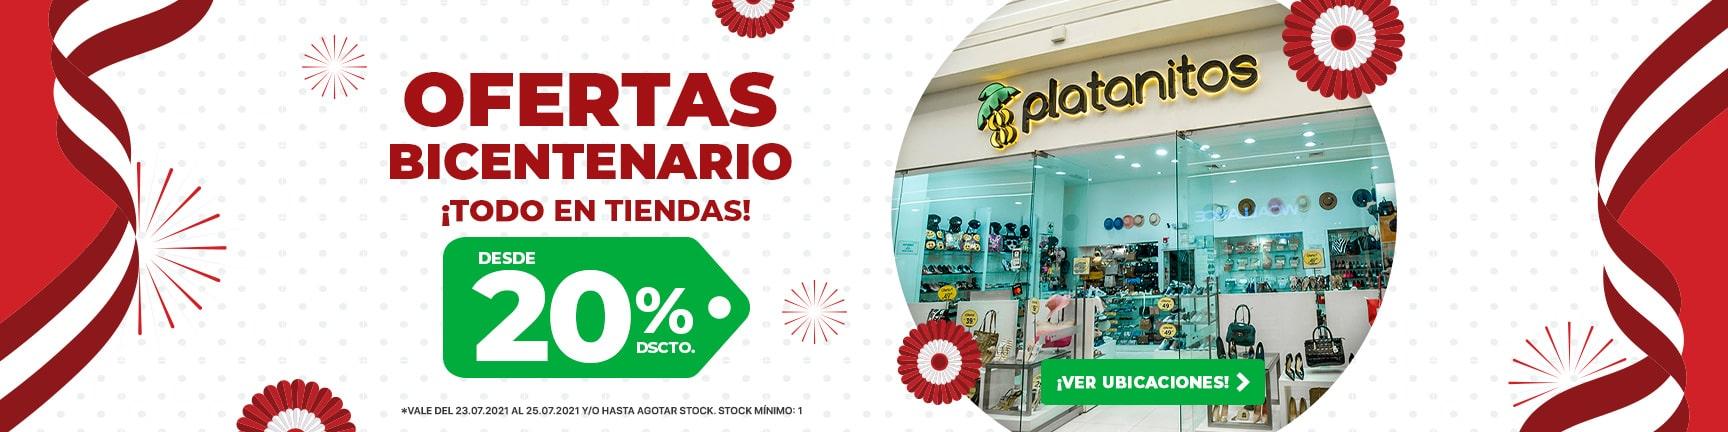 BP2 Ofertas Bicentenario en todas nuestras tiendas ¡Todo 20%!